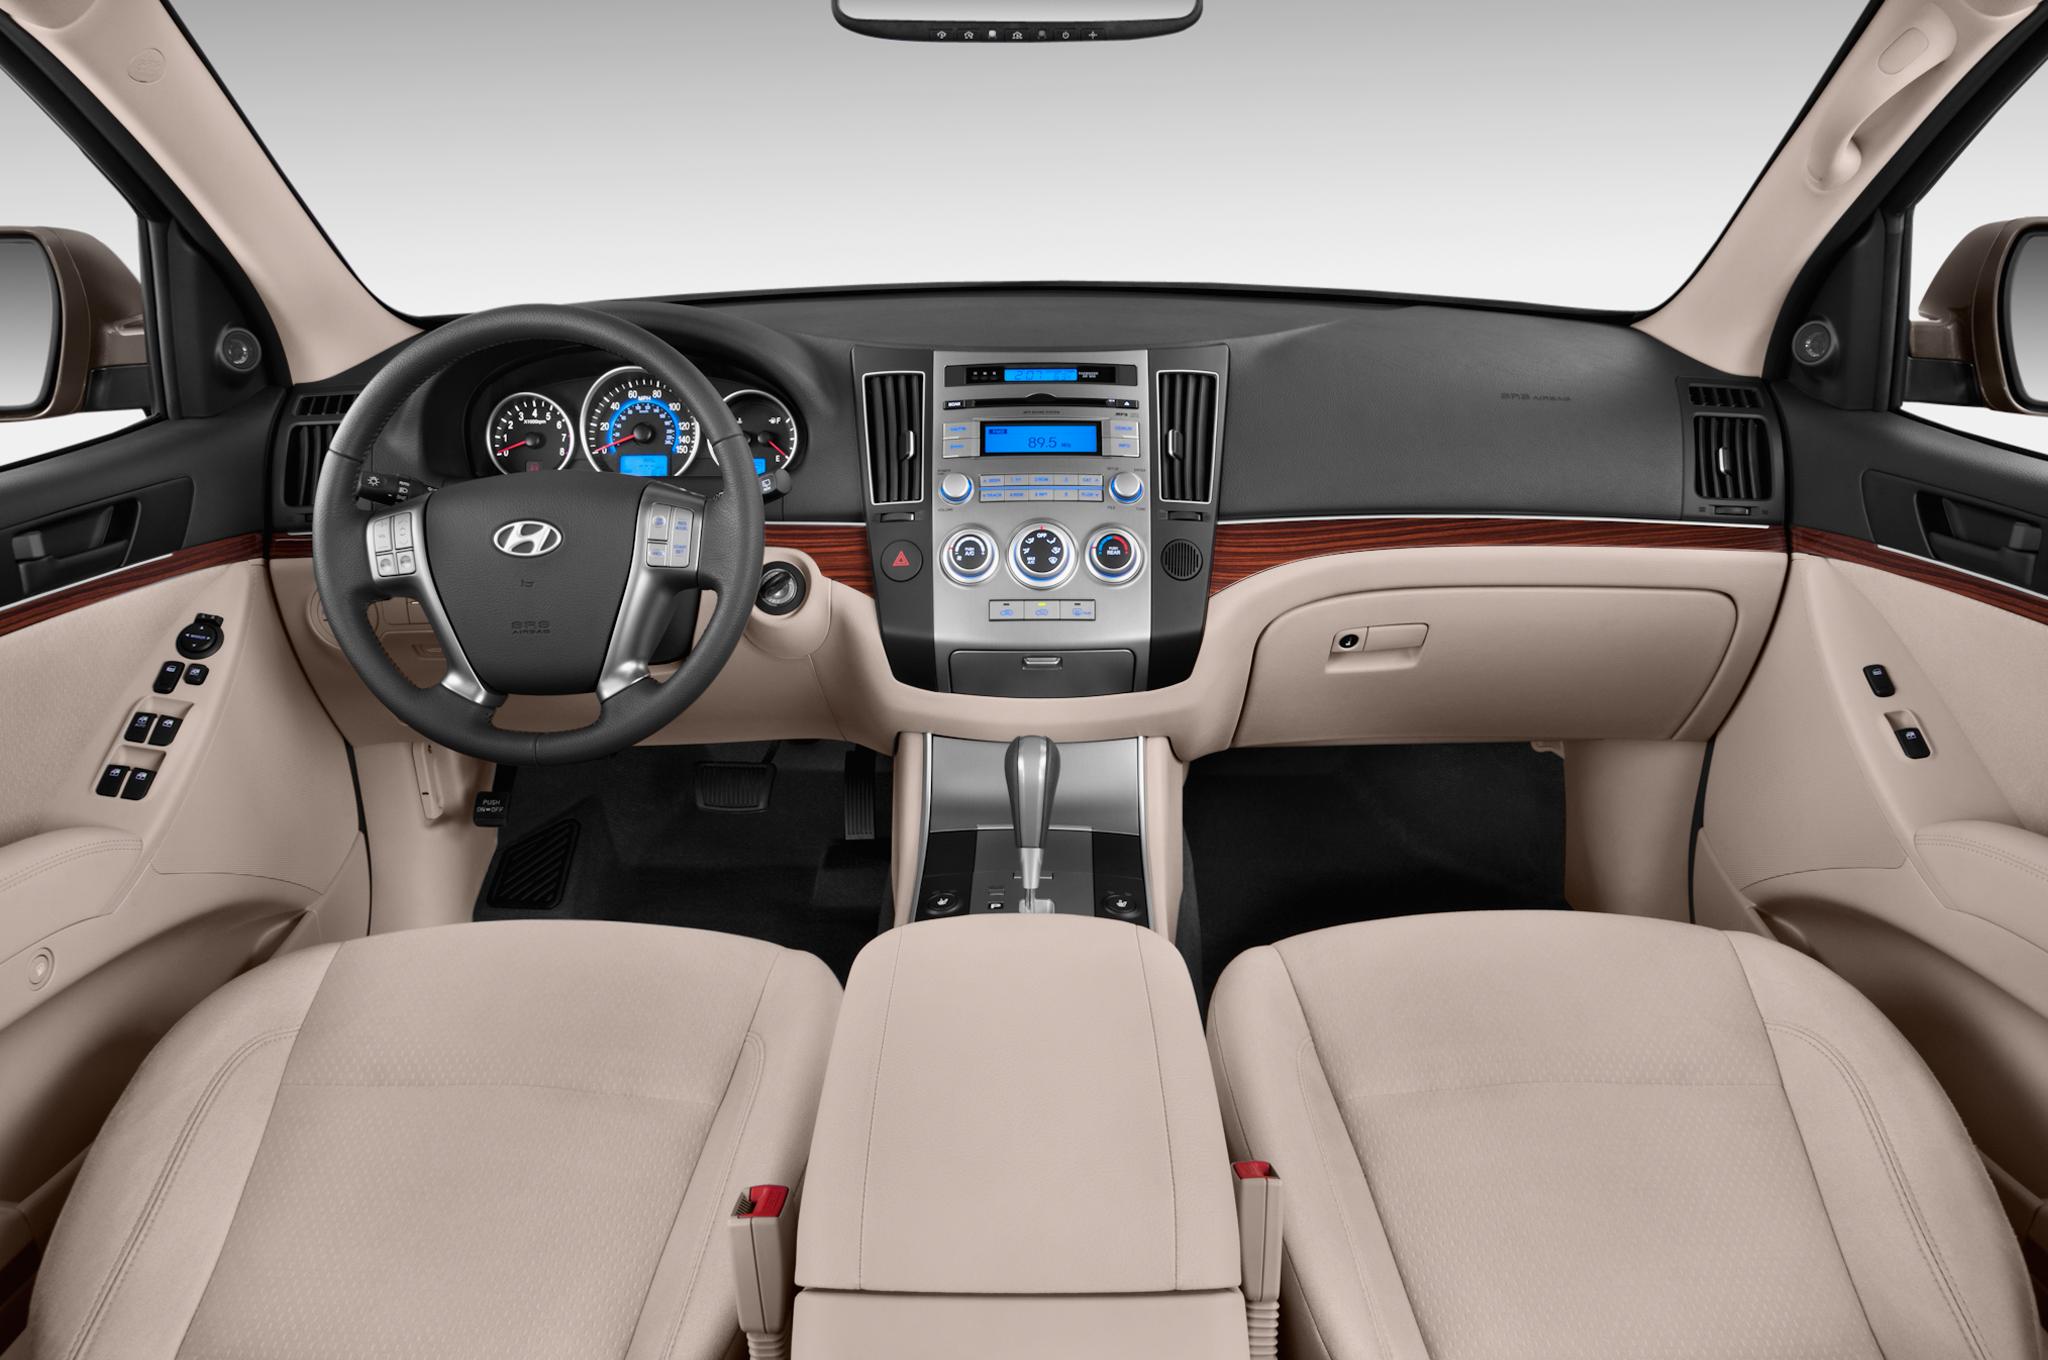 Hyundai Veracruz 2006 - 2015 SUV 5 door #3